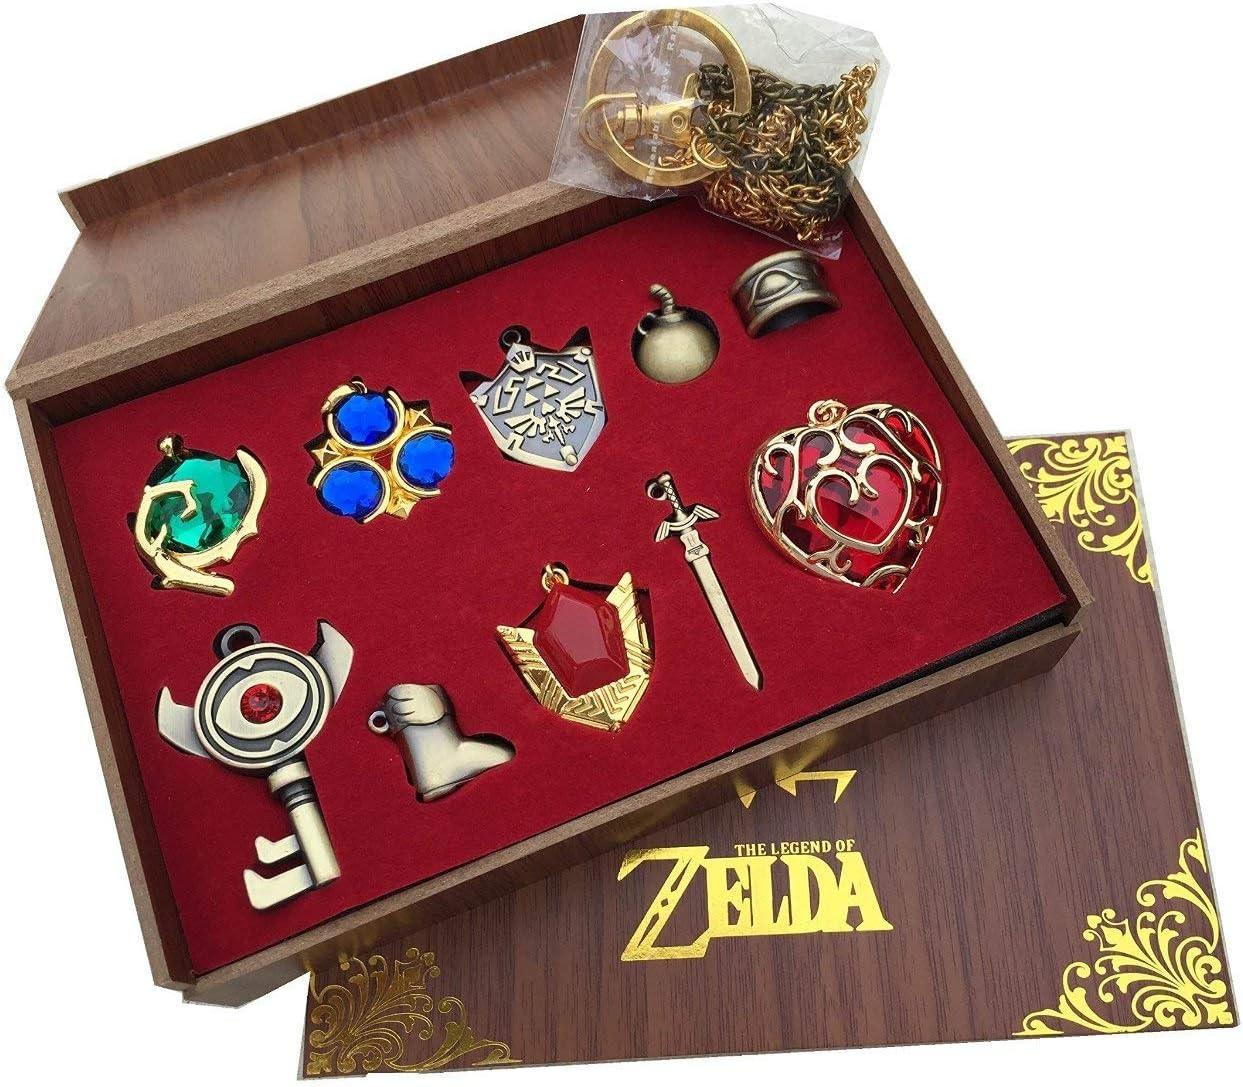 Caja de madera con pendientes o llaveros de The Legend of Zelda ...